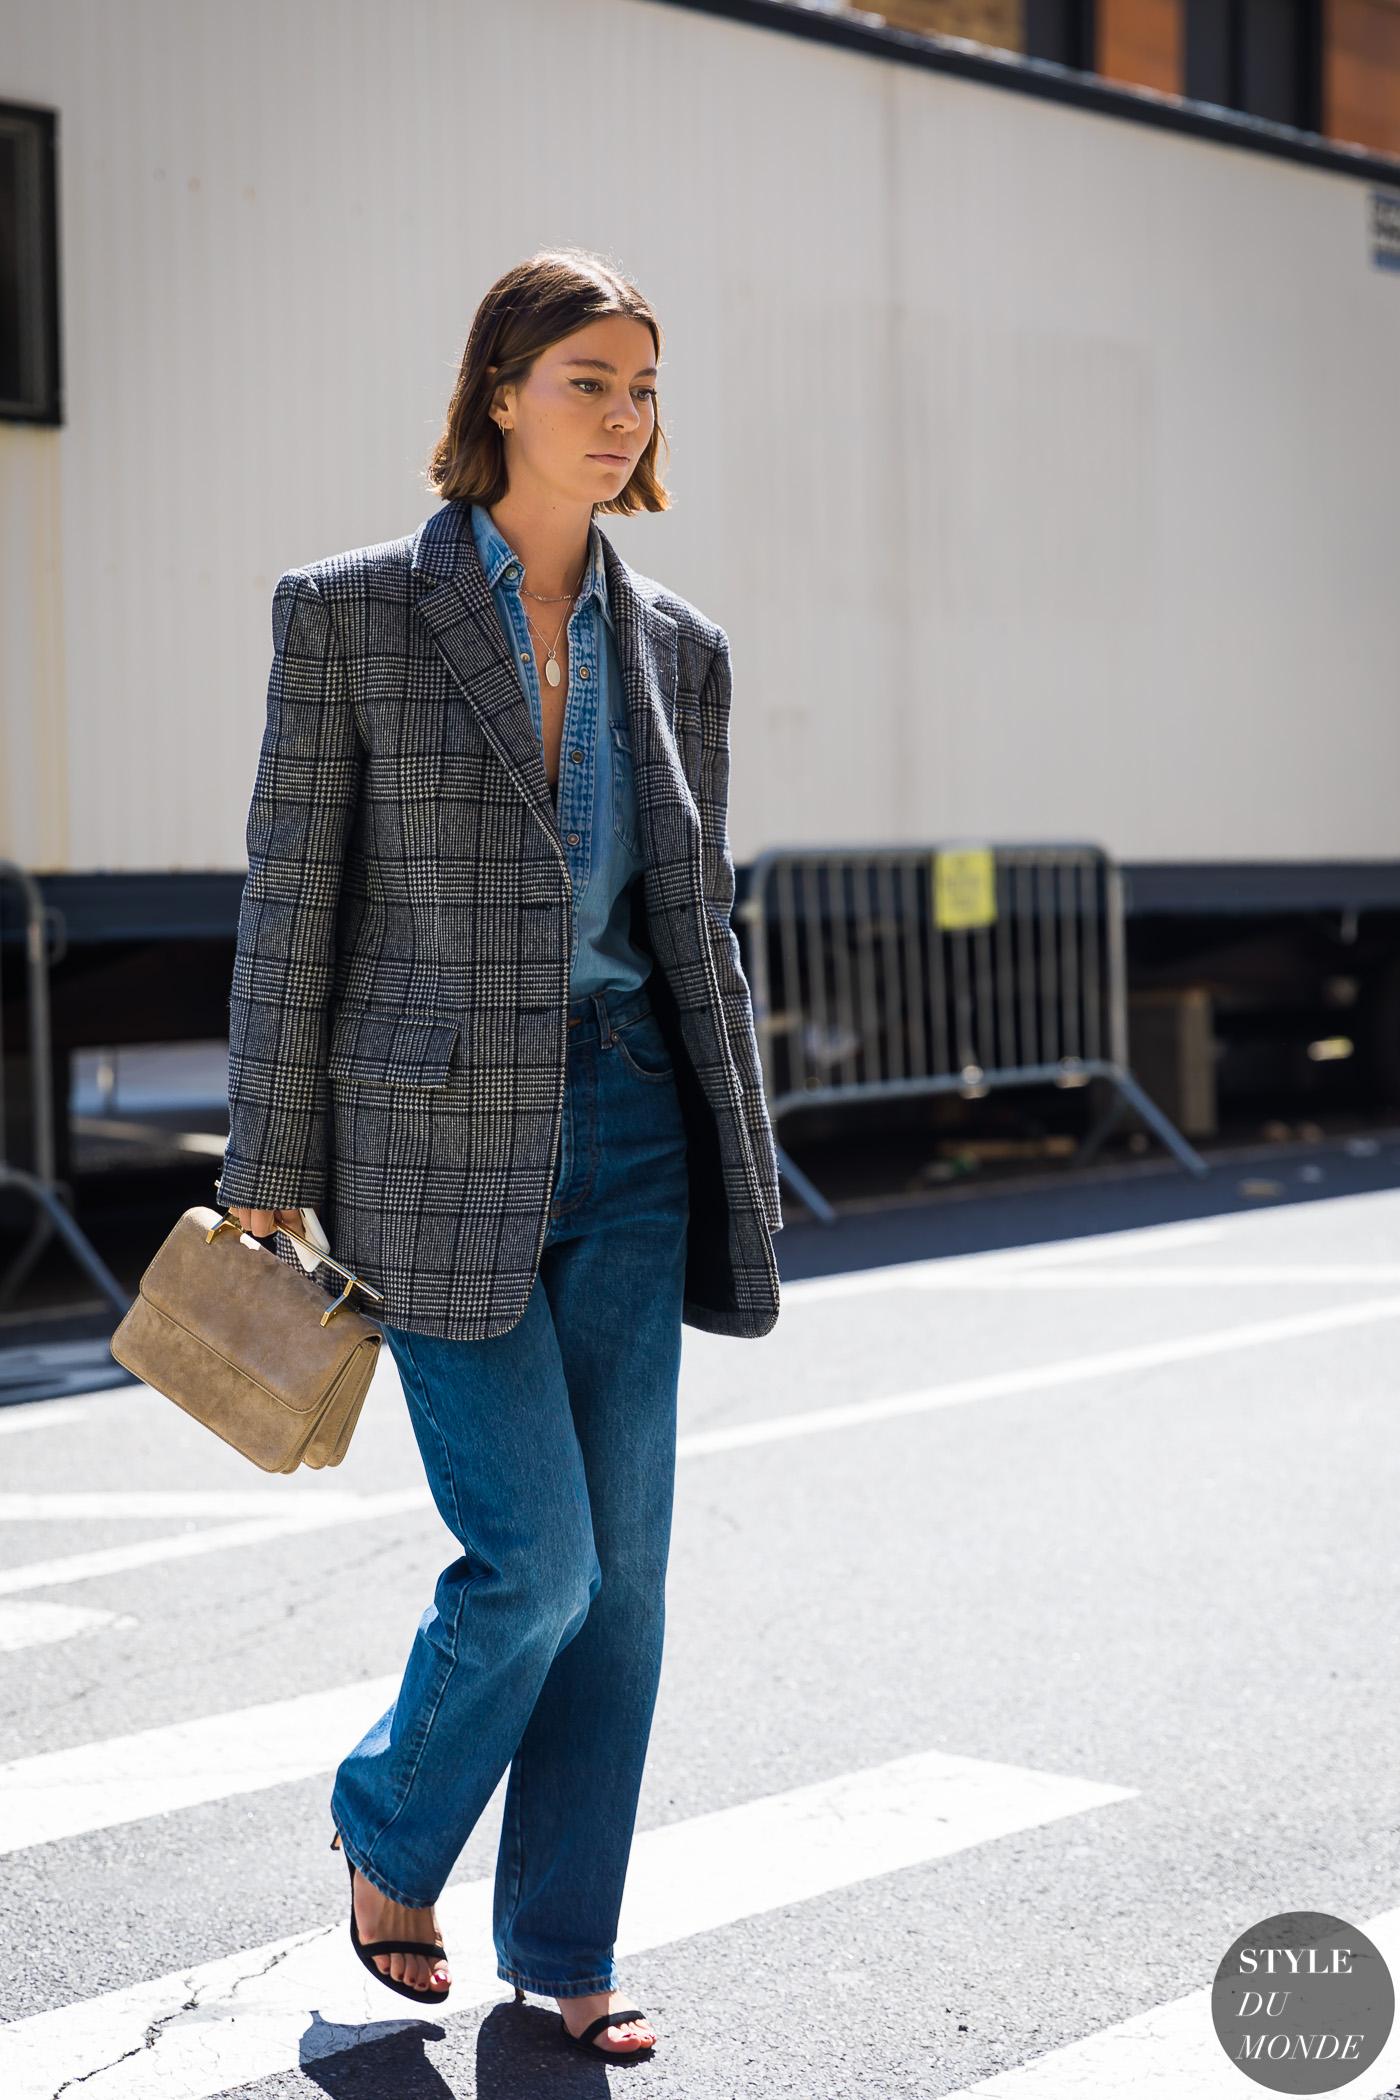 phong cách thời trang menswear áo blazer kẻ ô và sơ mi denim